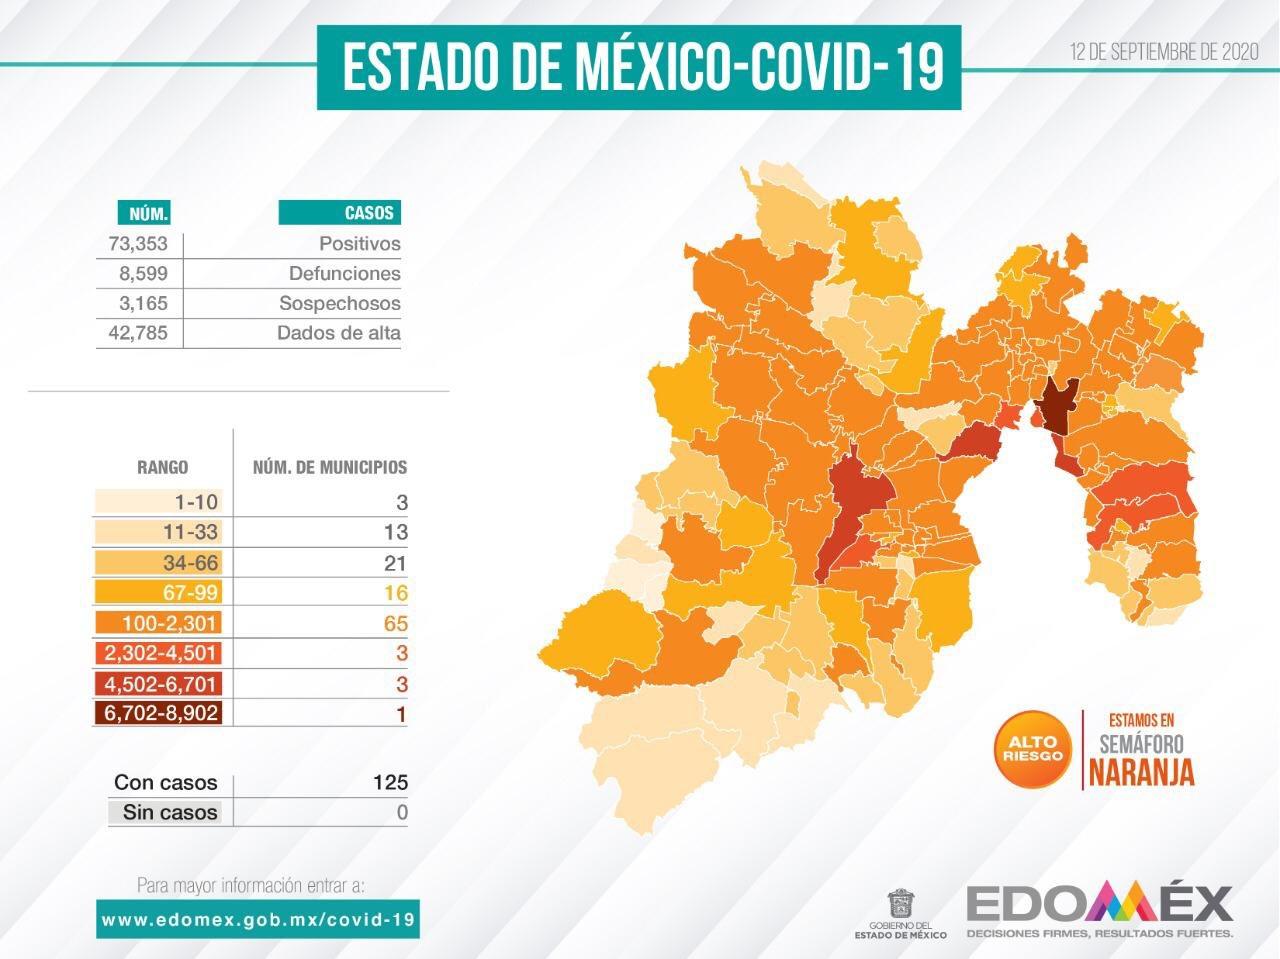 Reporte COVID-19 en el Estado de México, al 12 de septiembre 2020